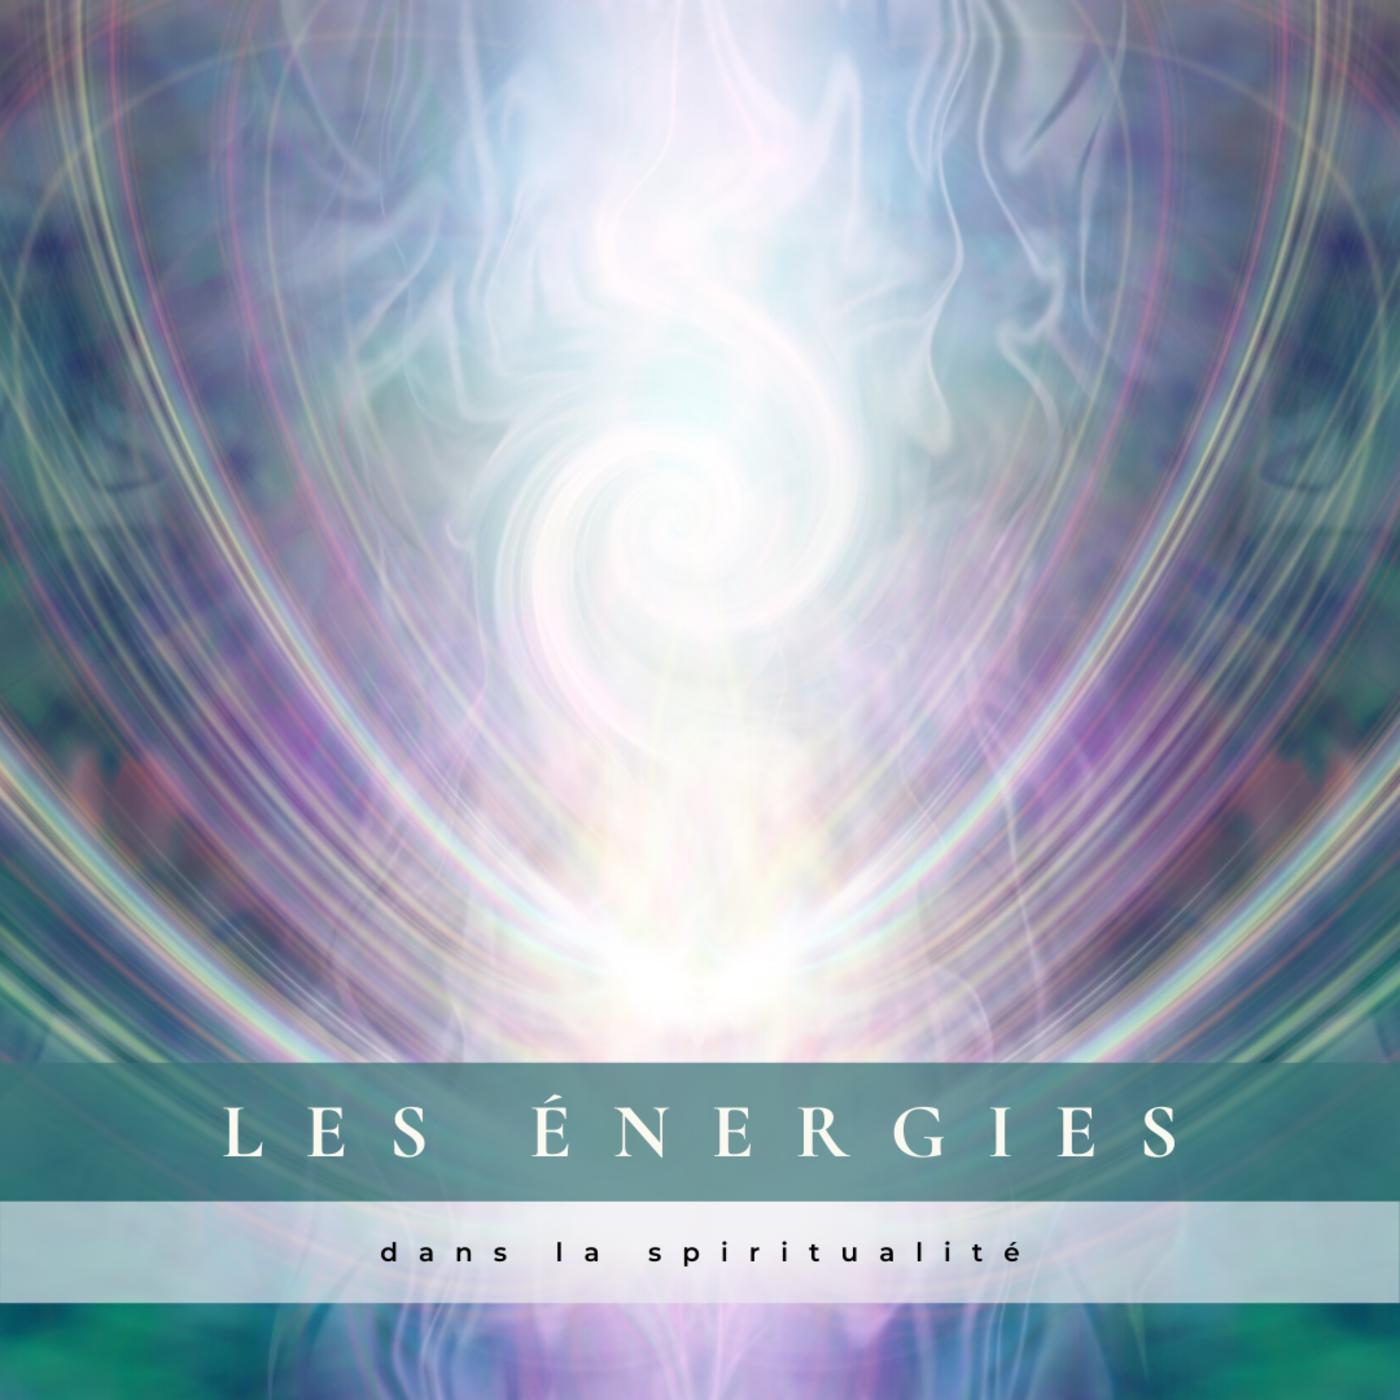 Les énergies dans la spiritualité